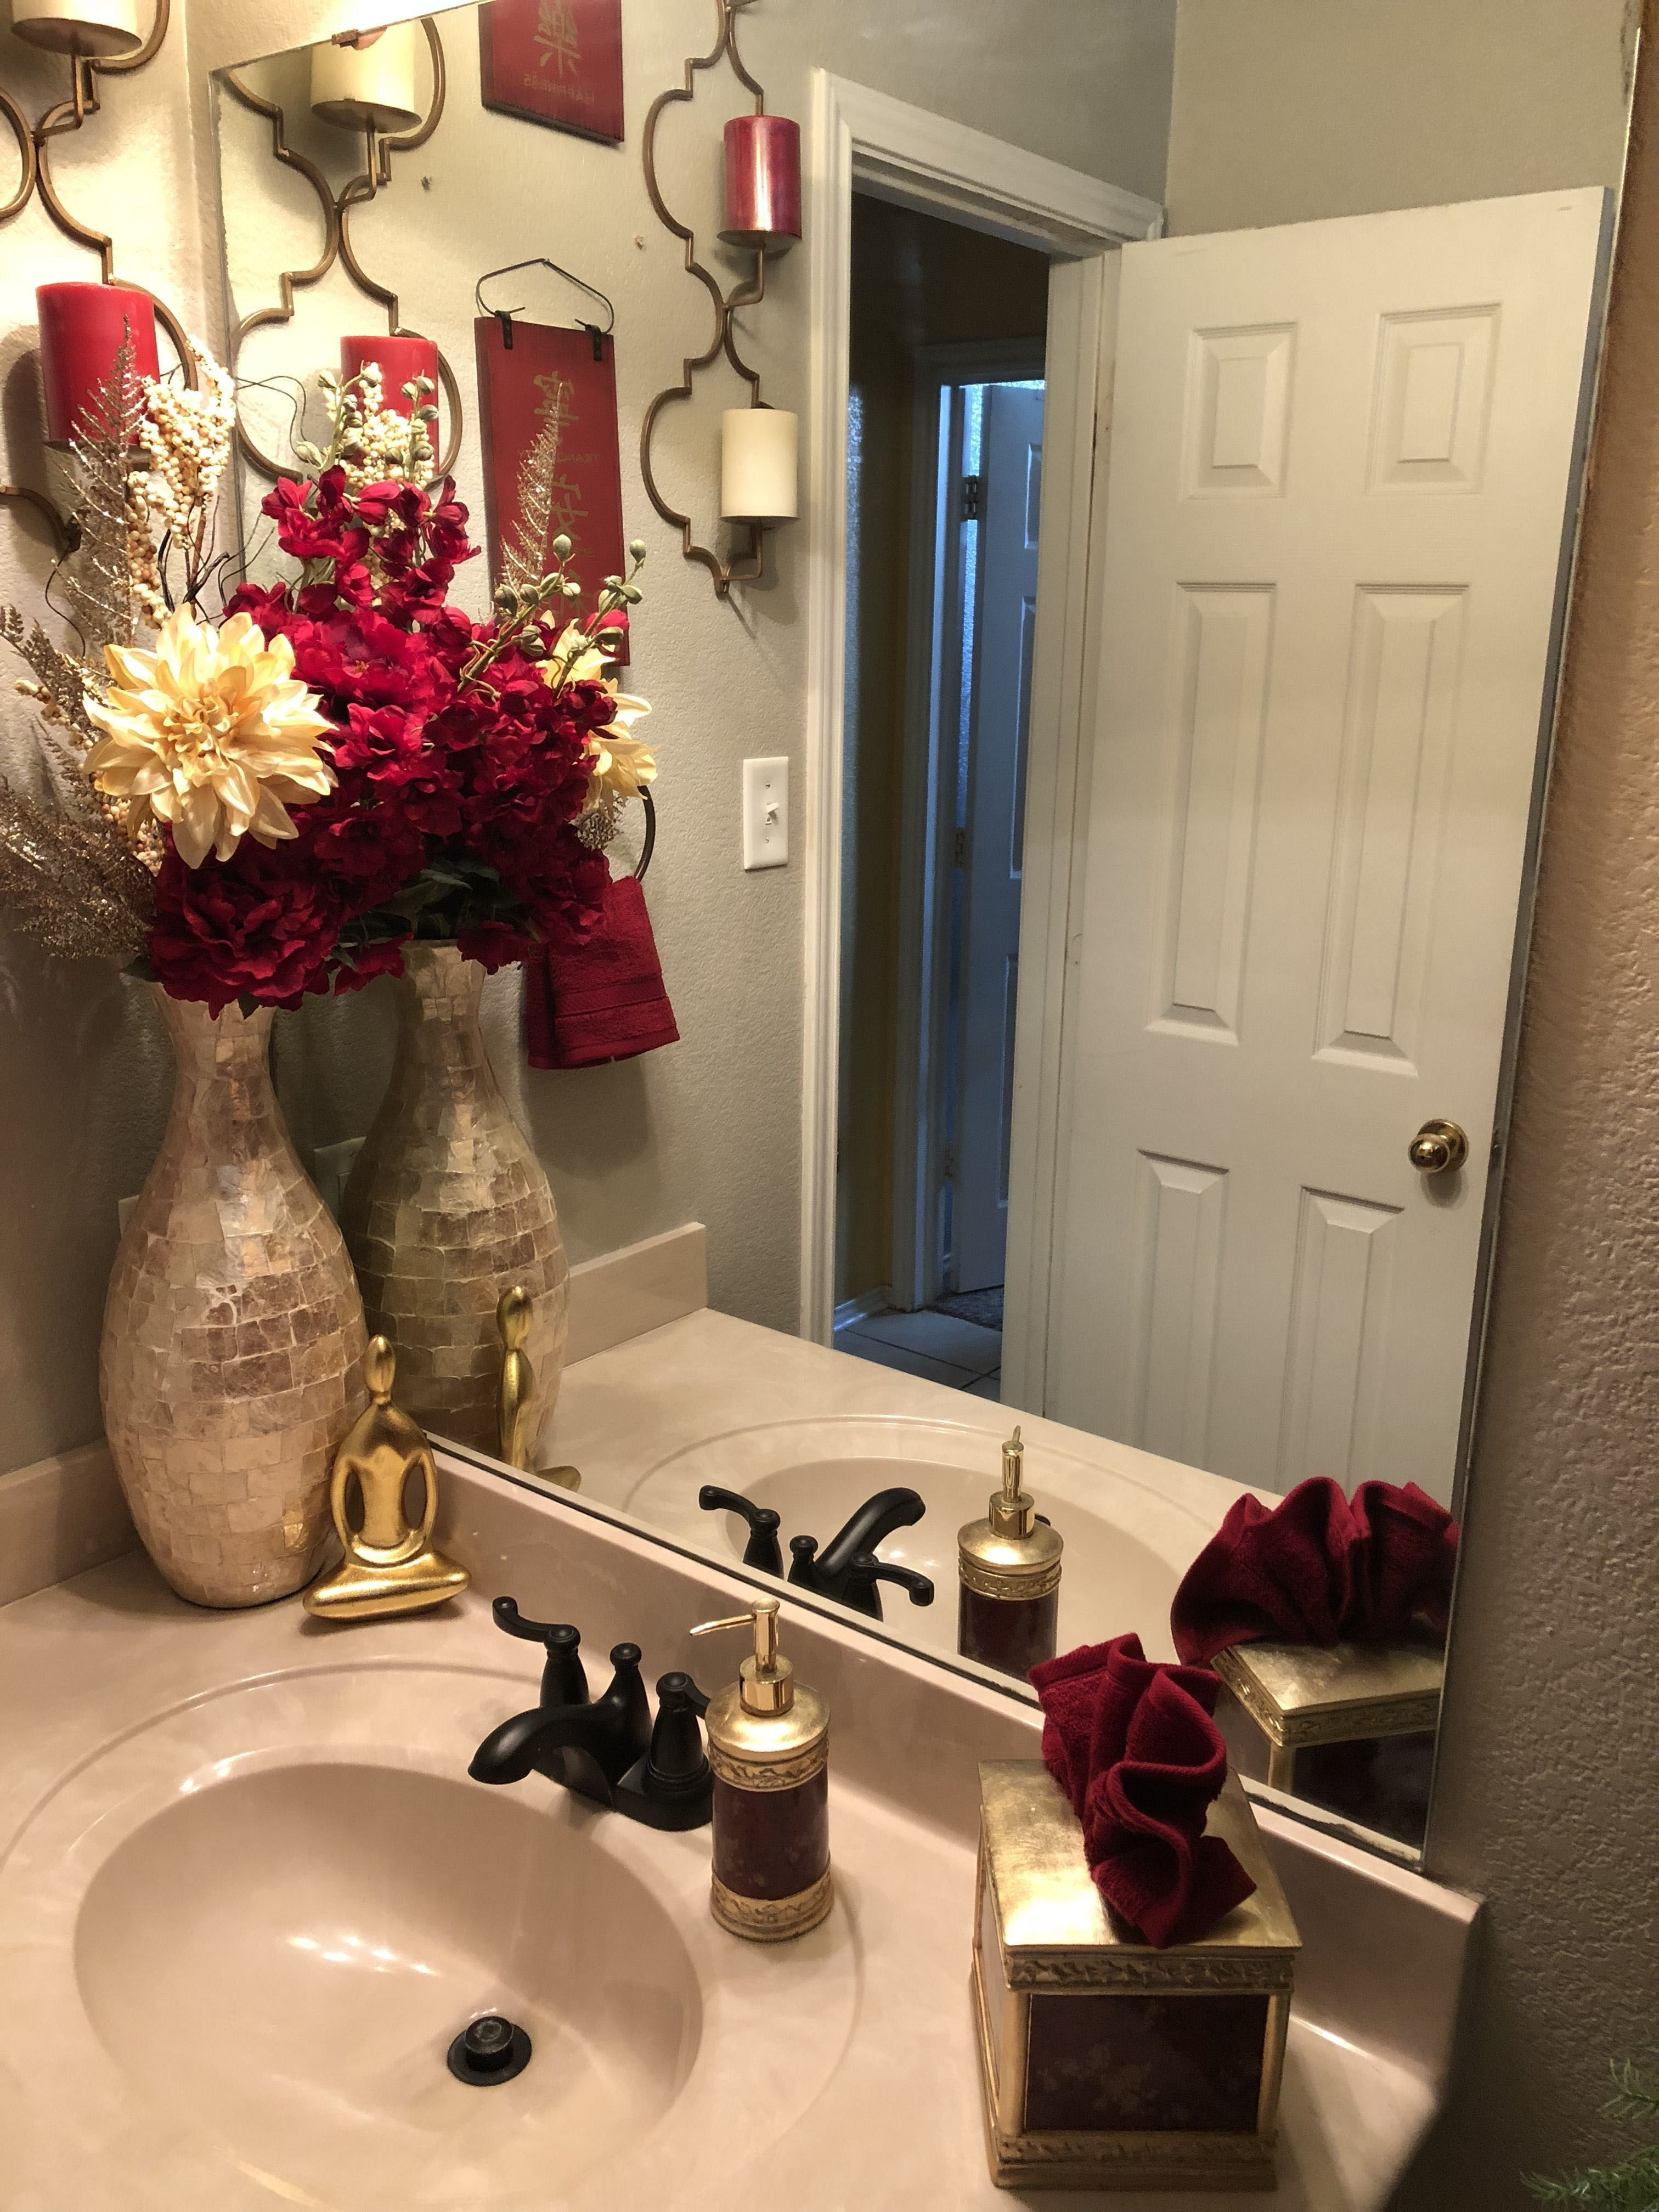 Bathroom color schemes restroom decor red bathroom